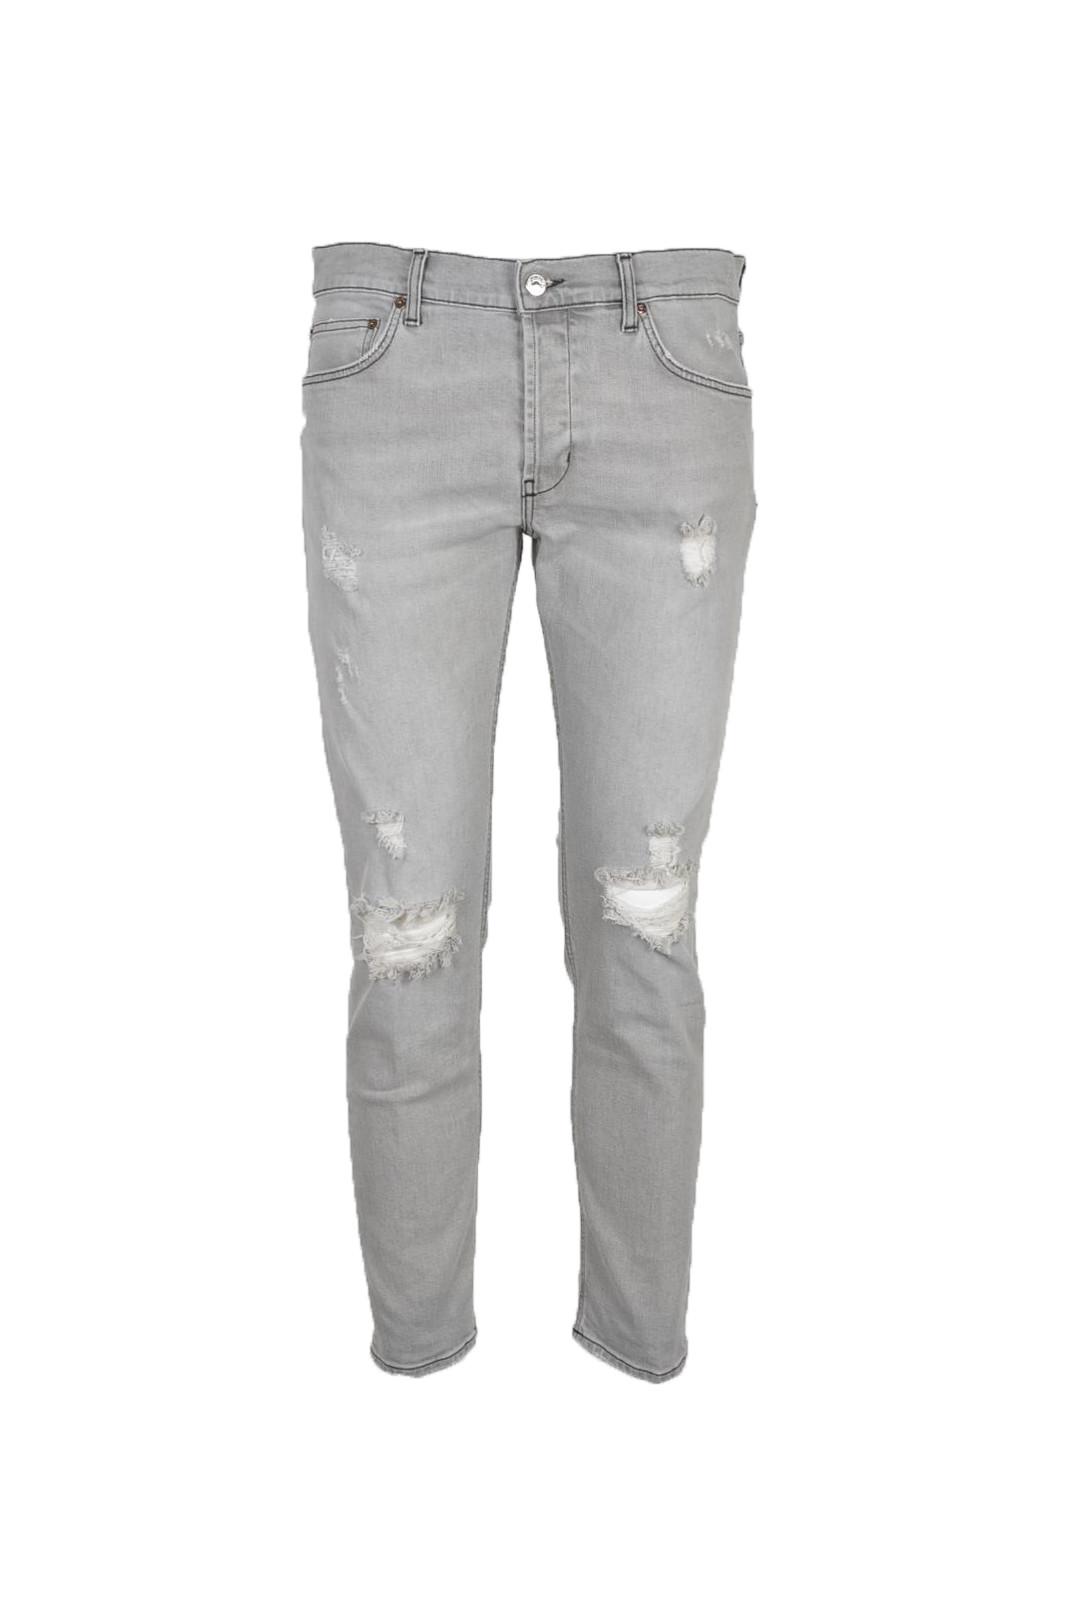 Aglini Jeans Uomo